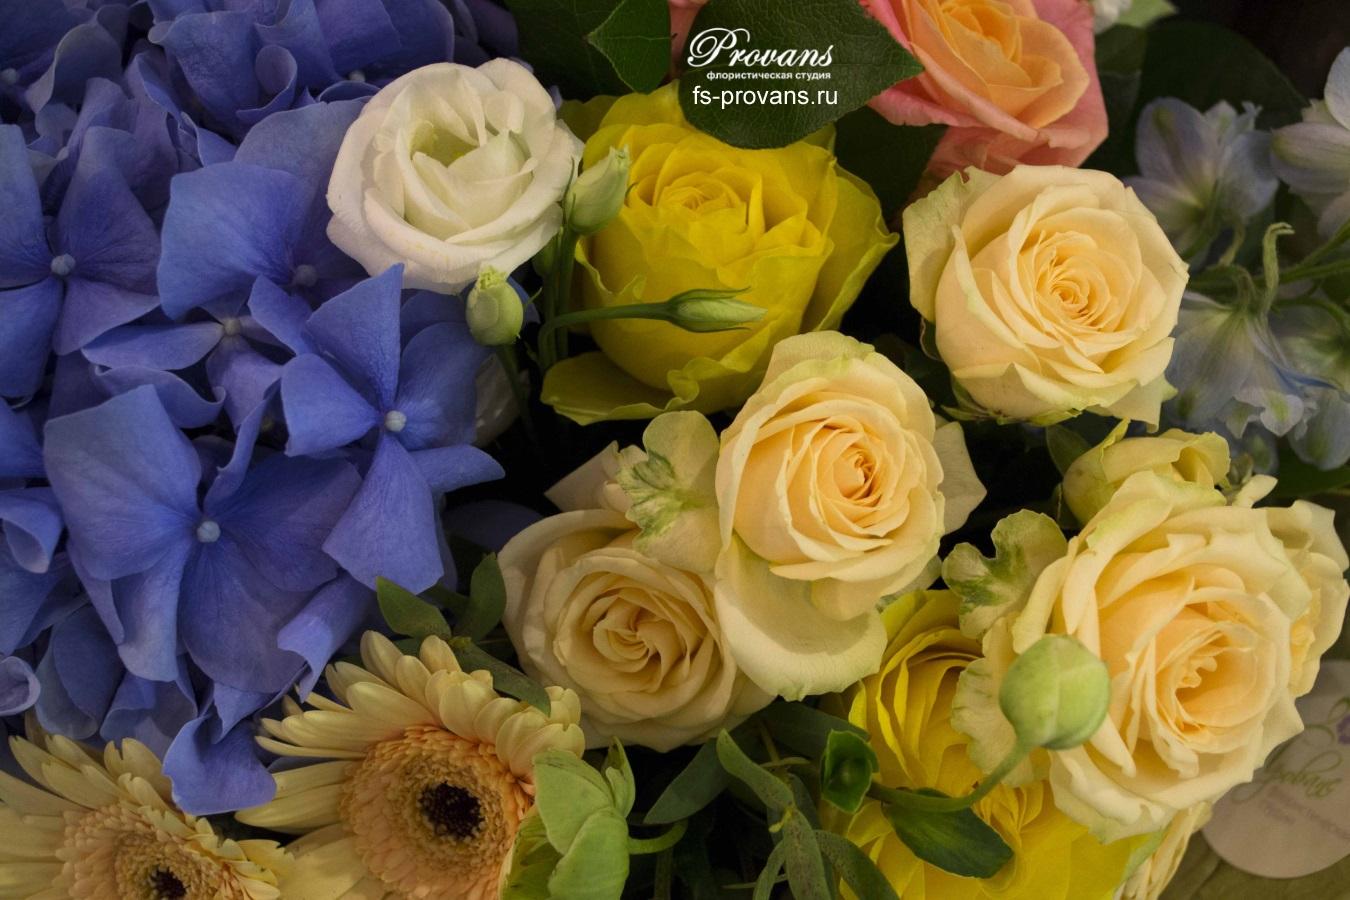 Букет на день рождения. Гортензия, дельфиниум, розы, гербера, матиола, эустома